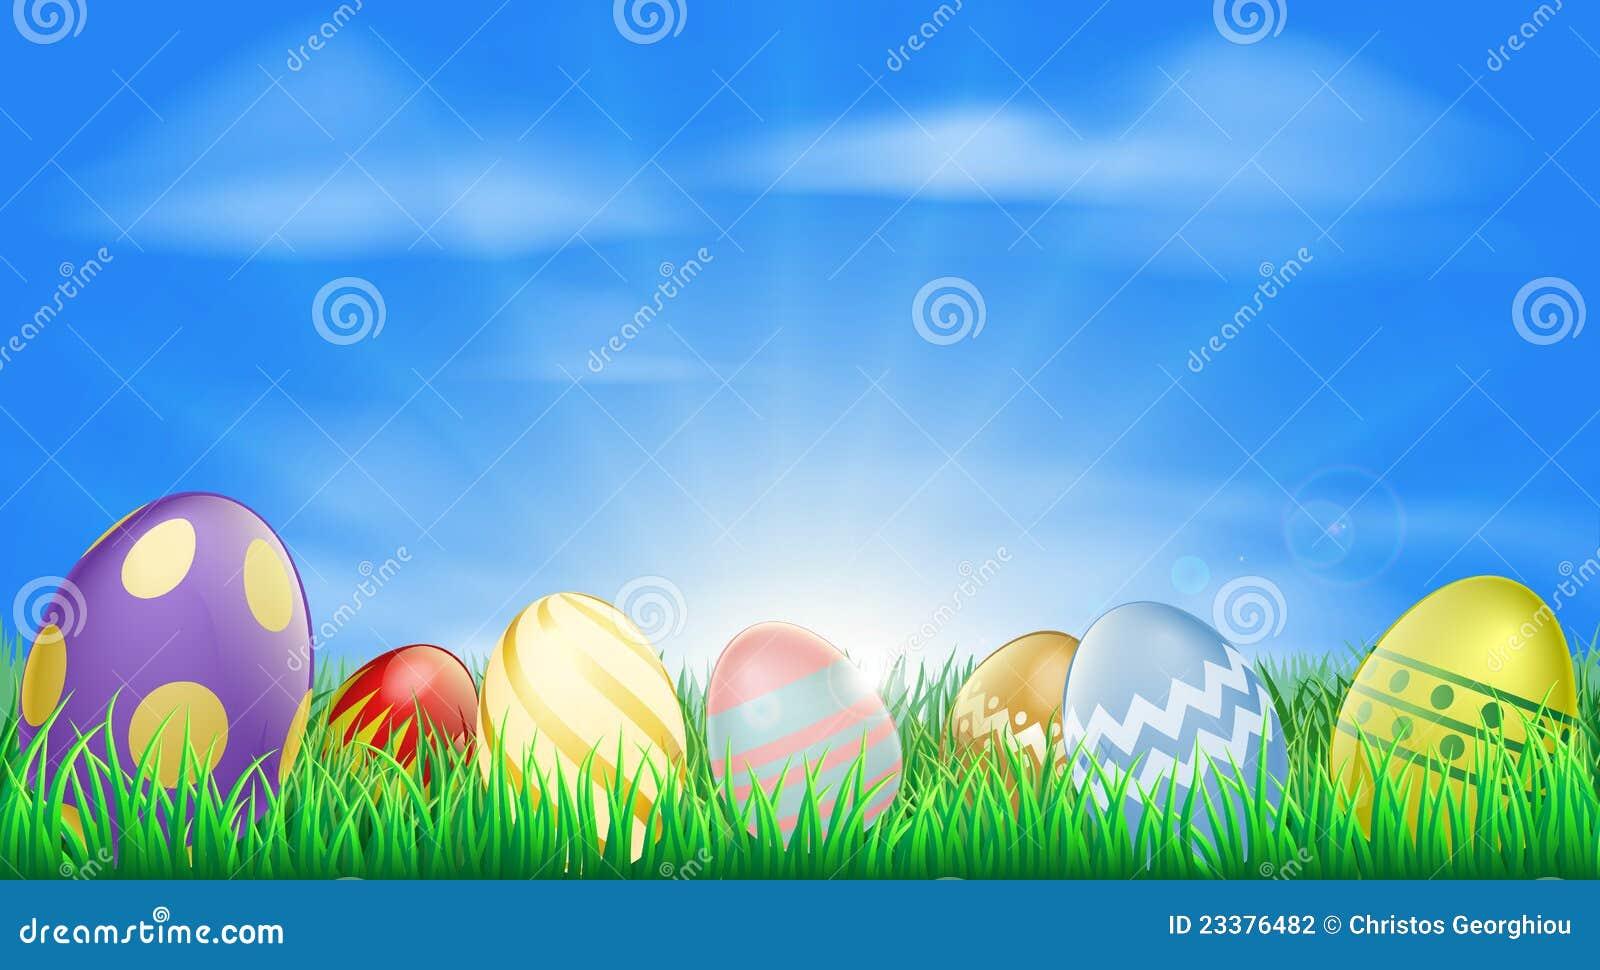 Fondo brillante de los huevos de Pascua